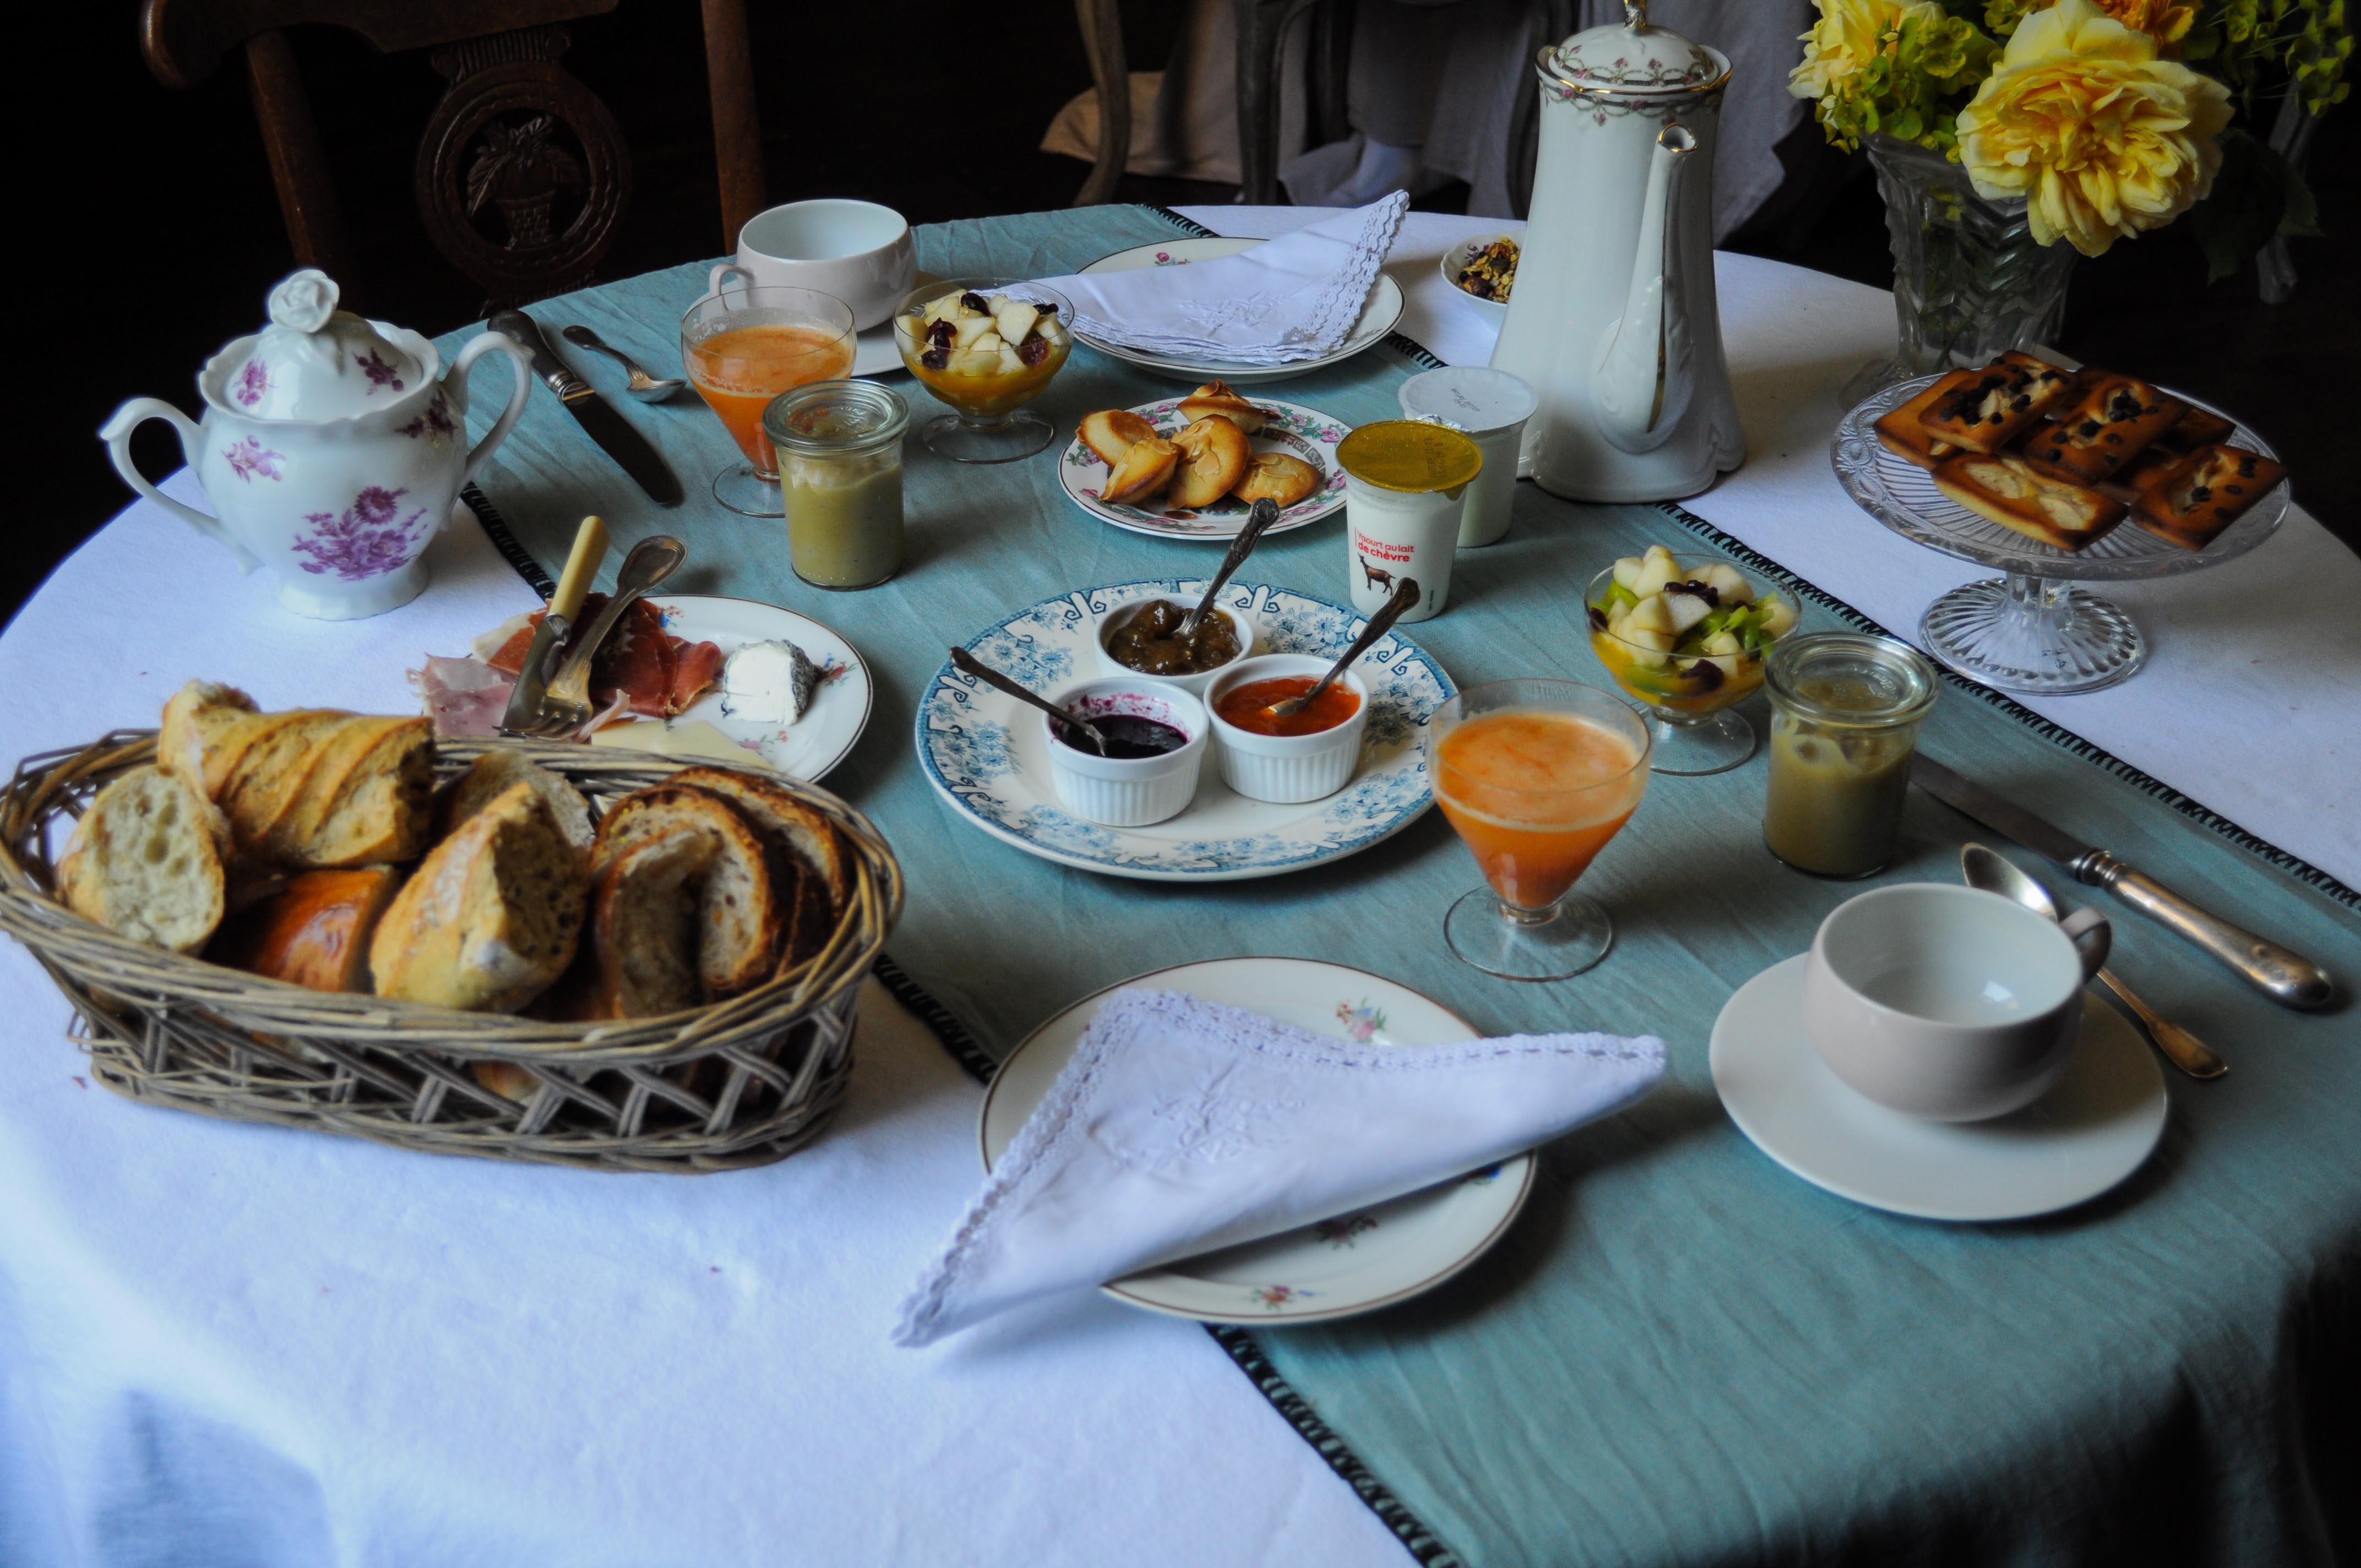 Petits déjeuners complets en chambres d'hôtes , manoir de la villeneuve